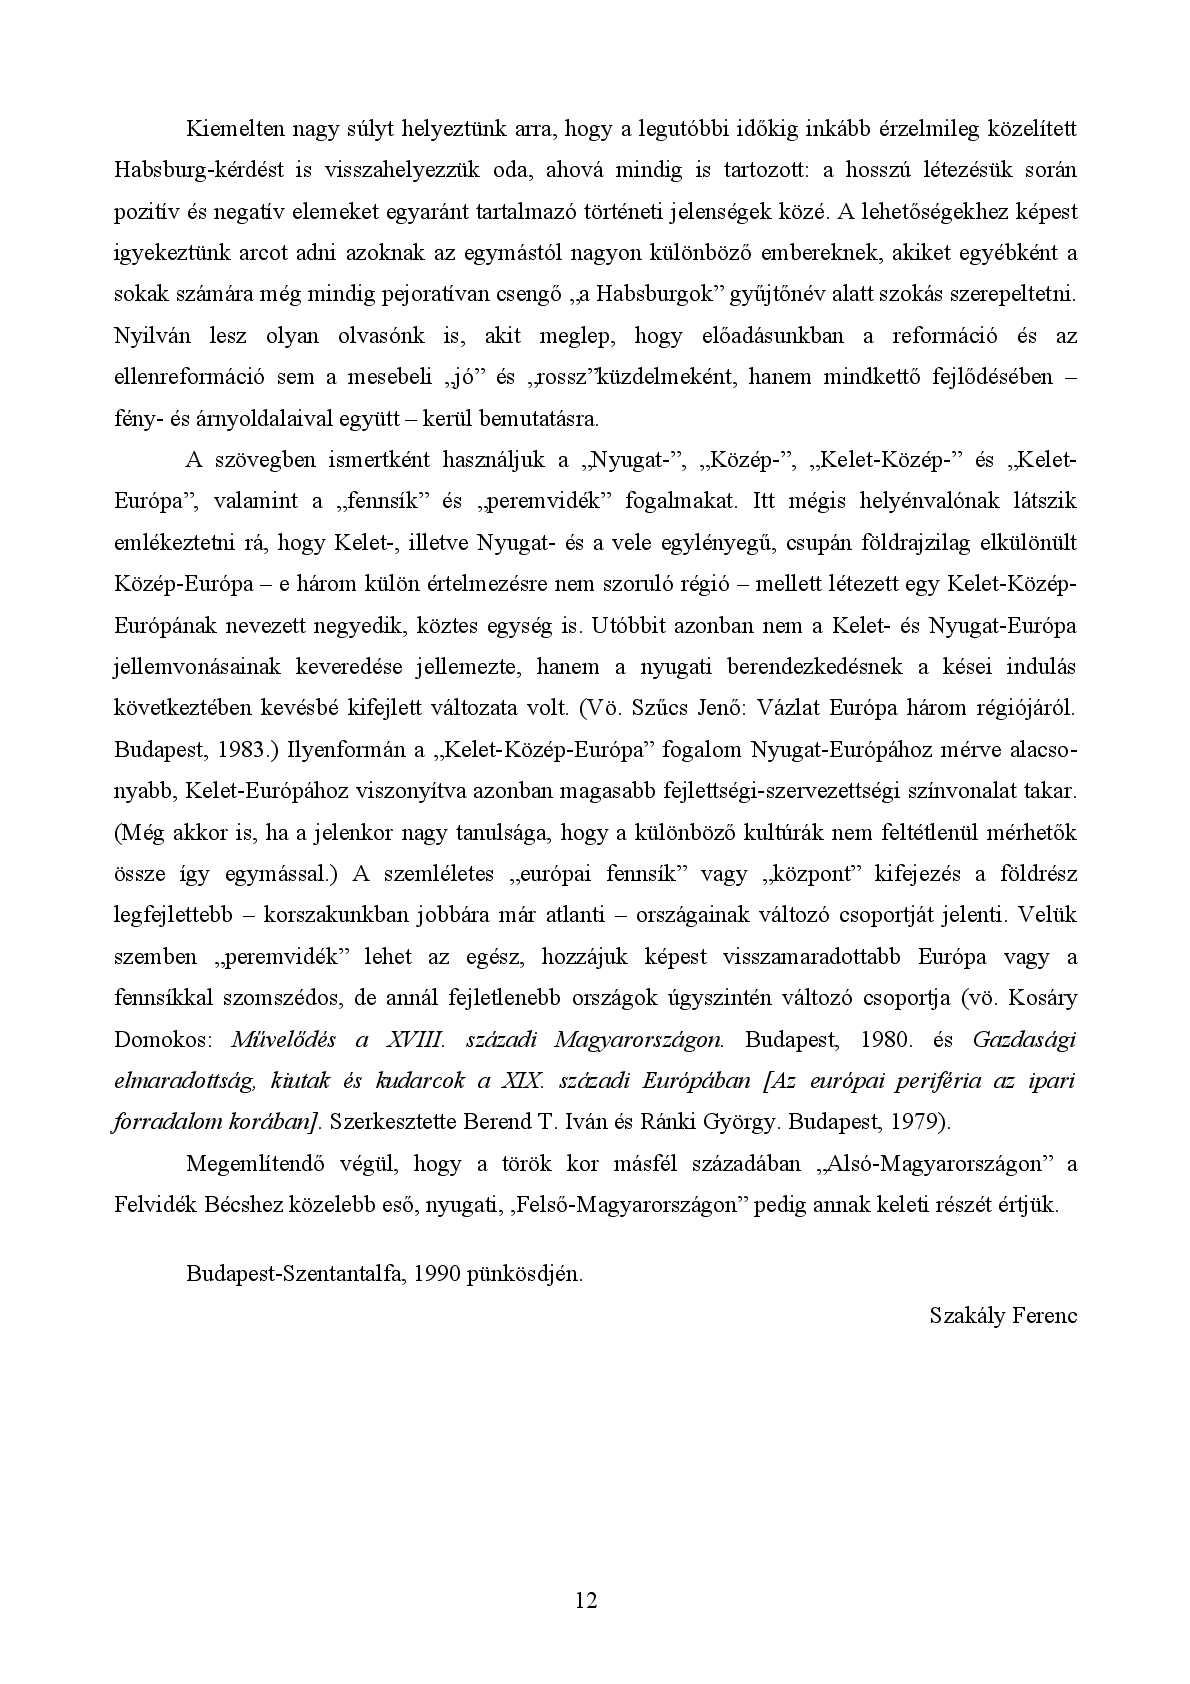 PVSK | Hírek - Két érem a Bornemissza Ökölvívó Emlékversenyen